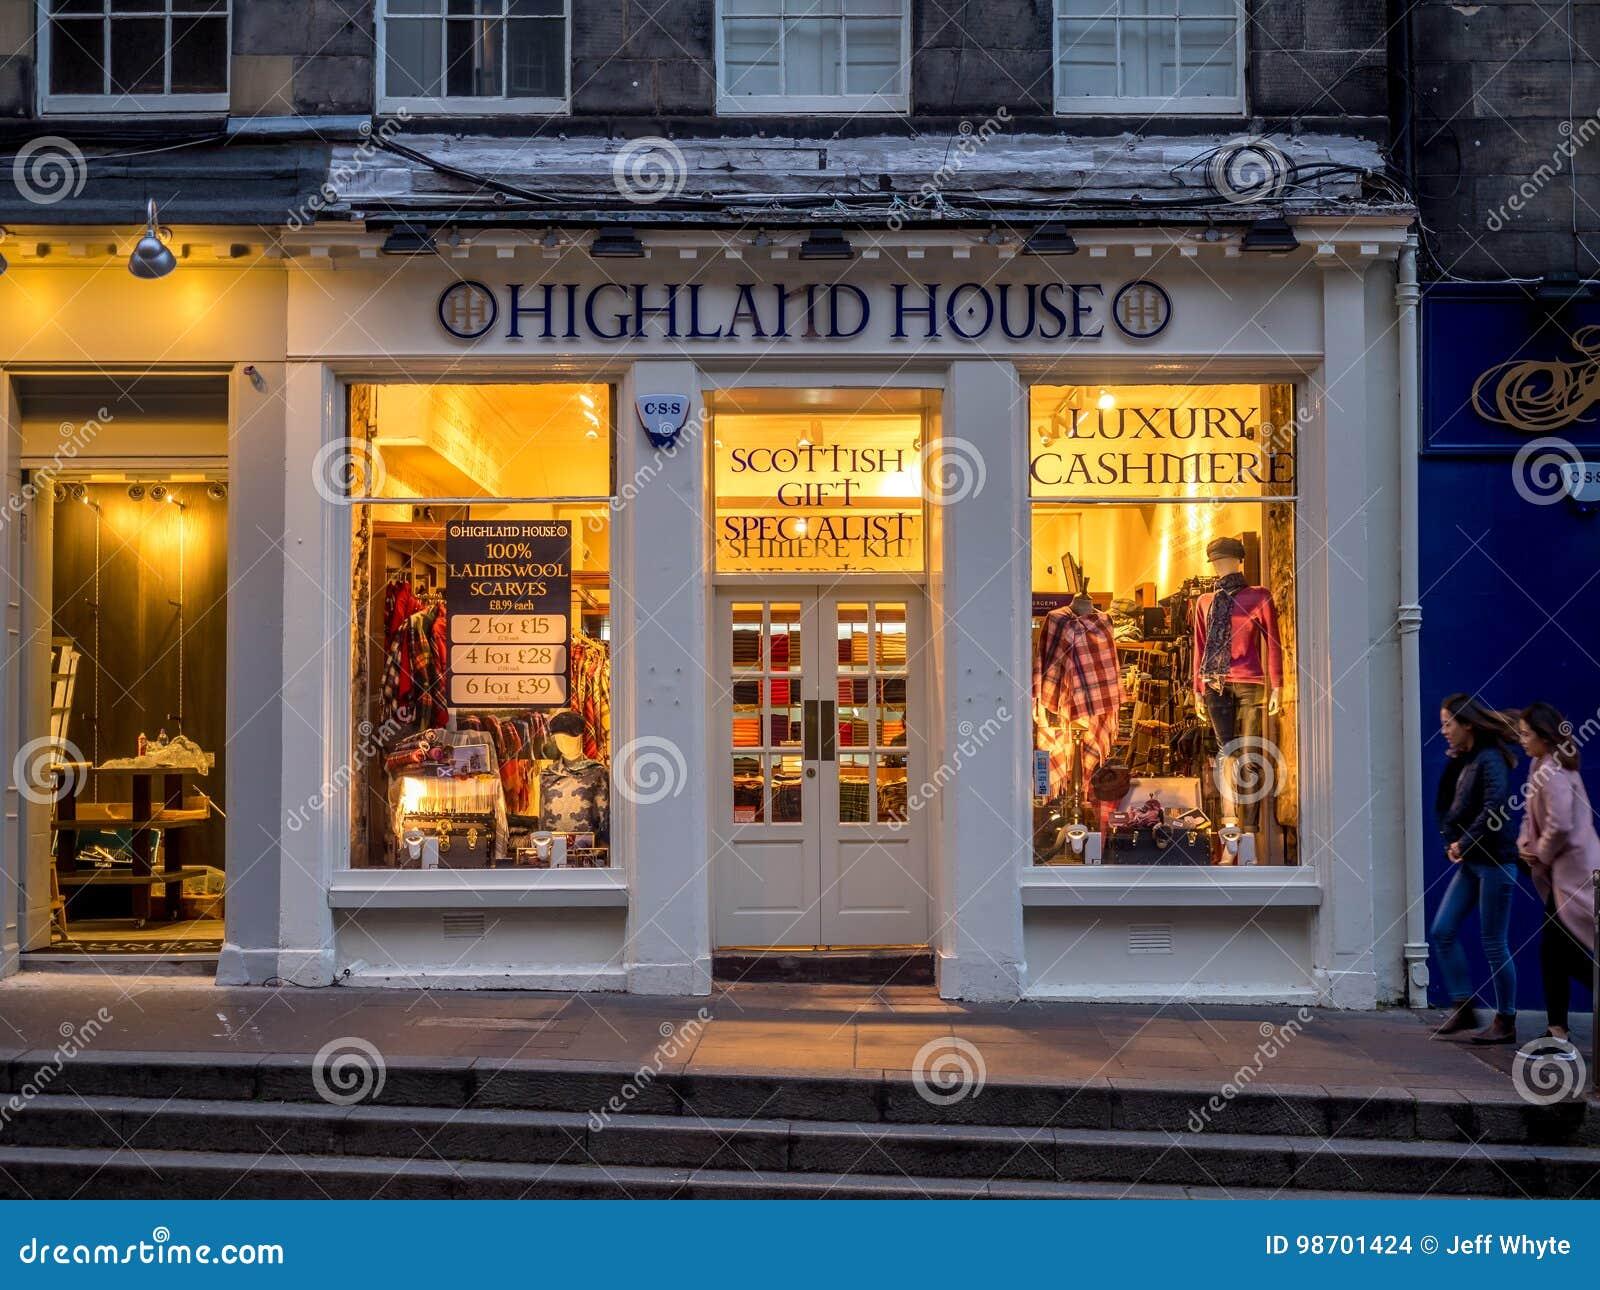 Afbeeldingsresultaat voor scottish shops